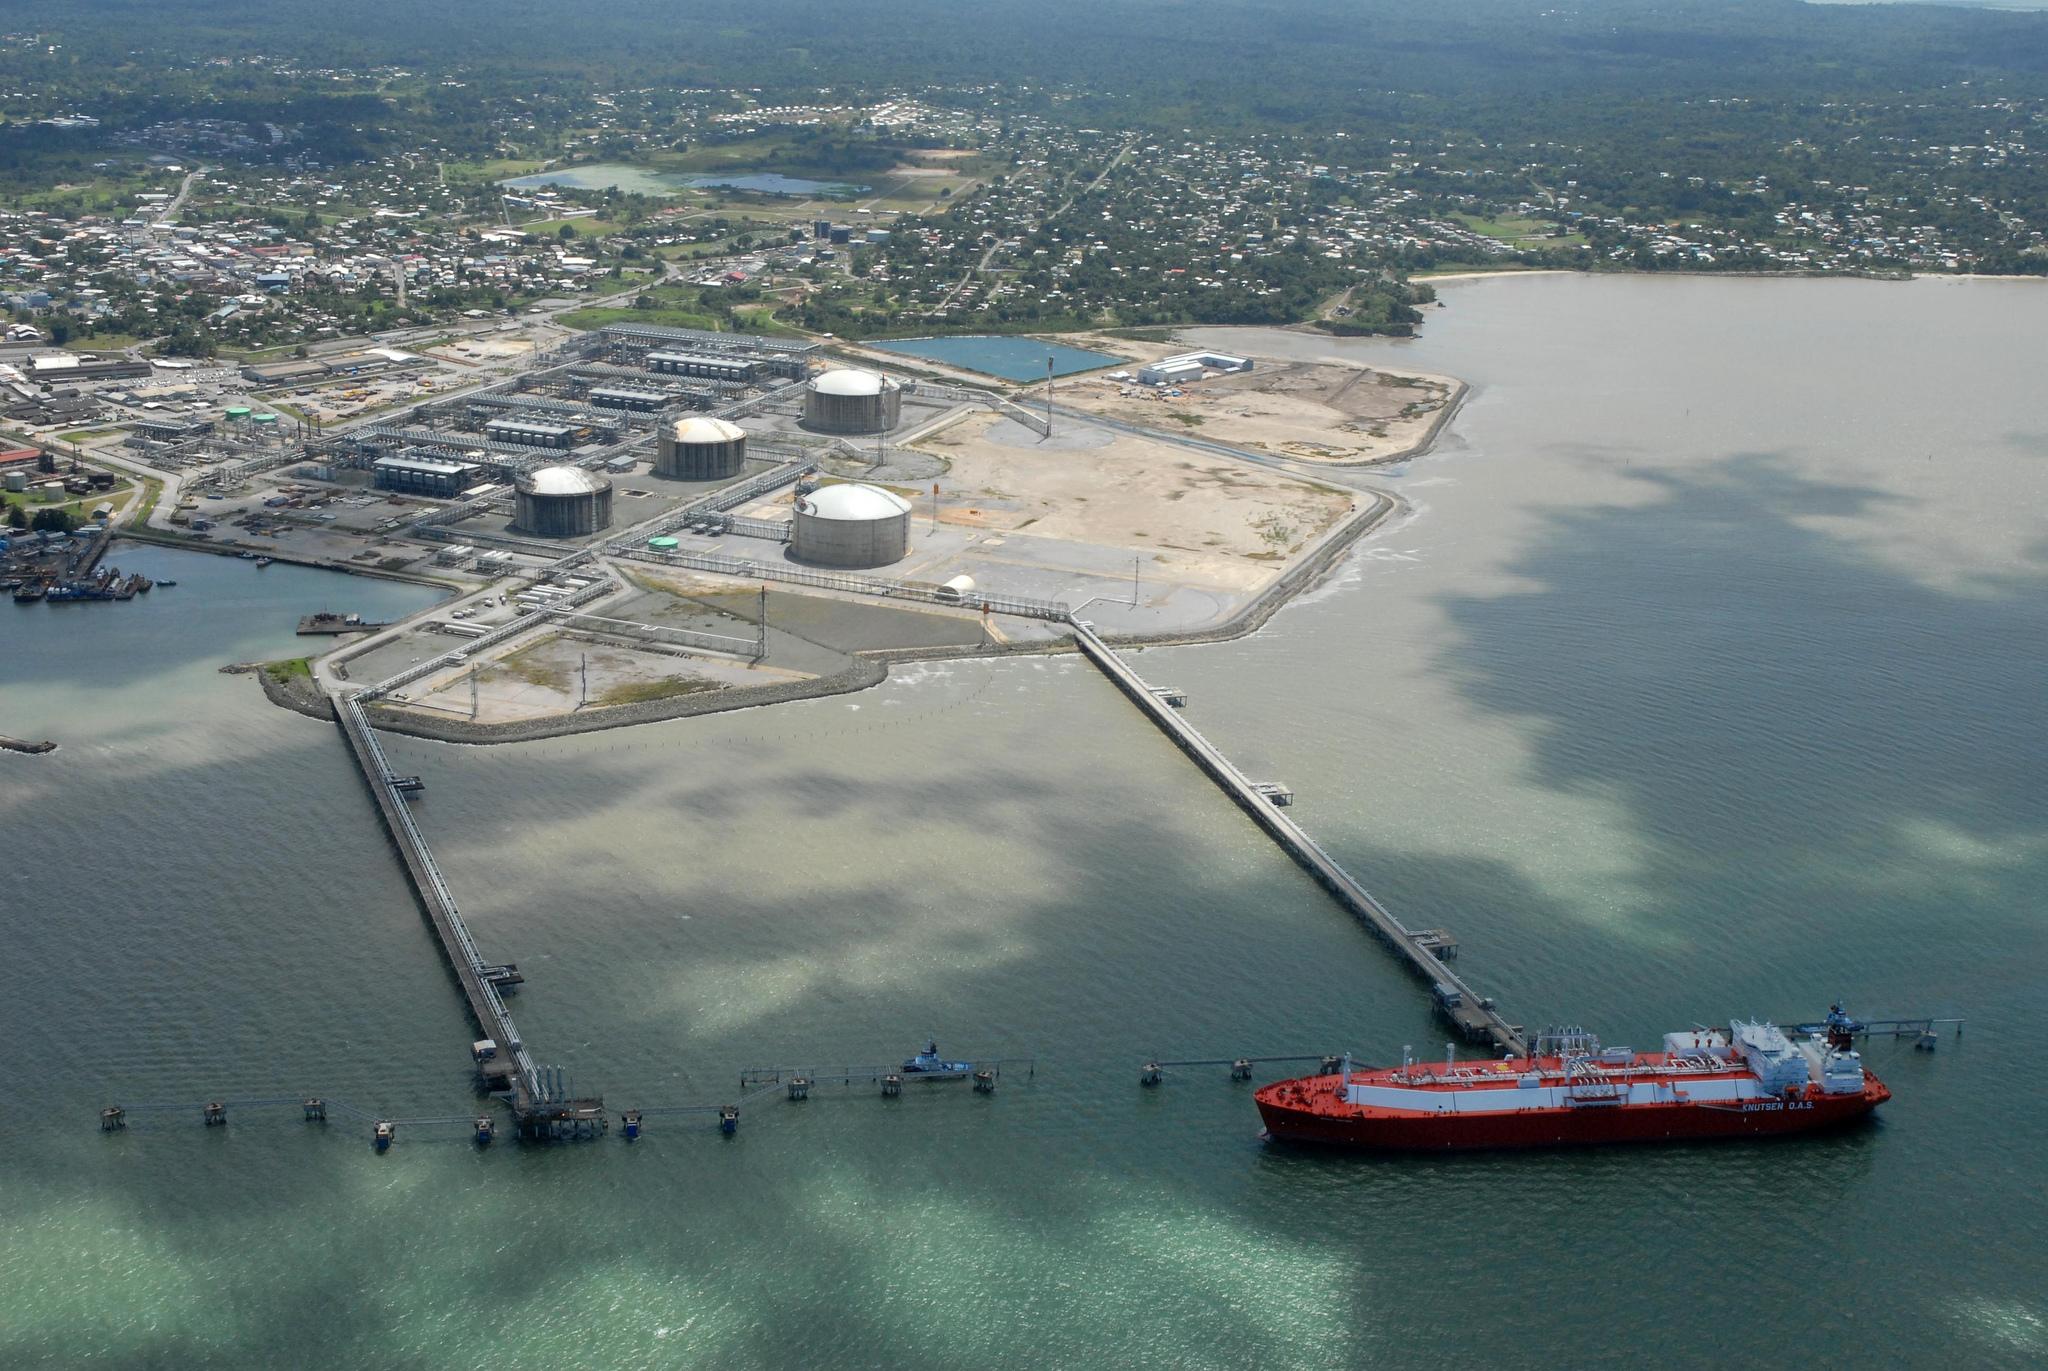 Image Courtesy: Atlantic LNG